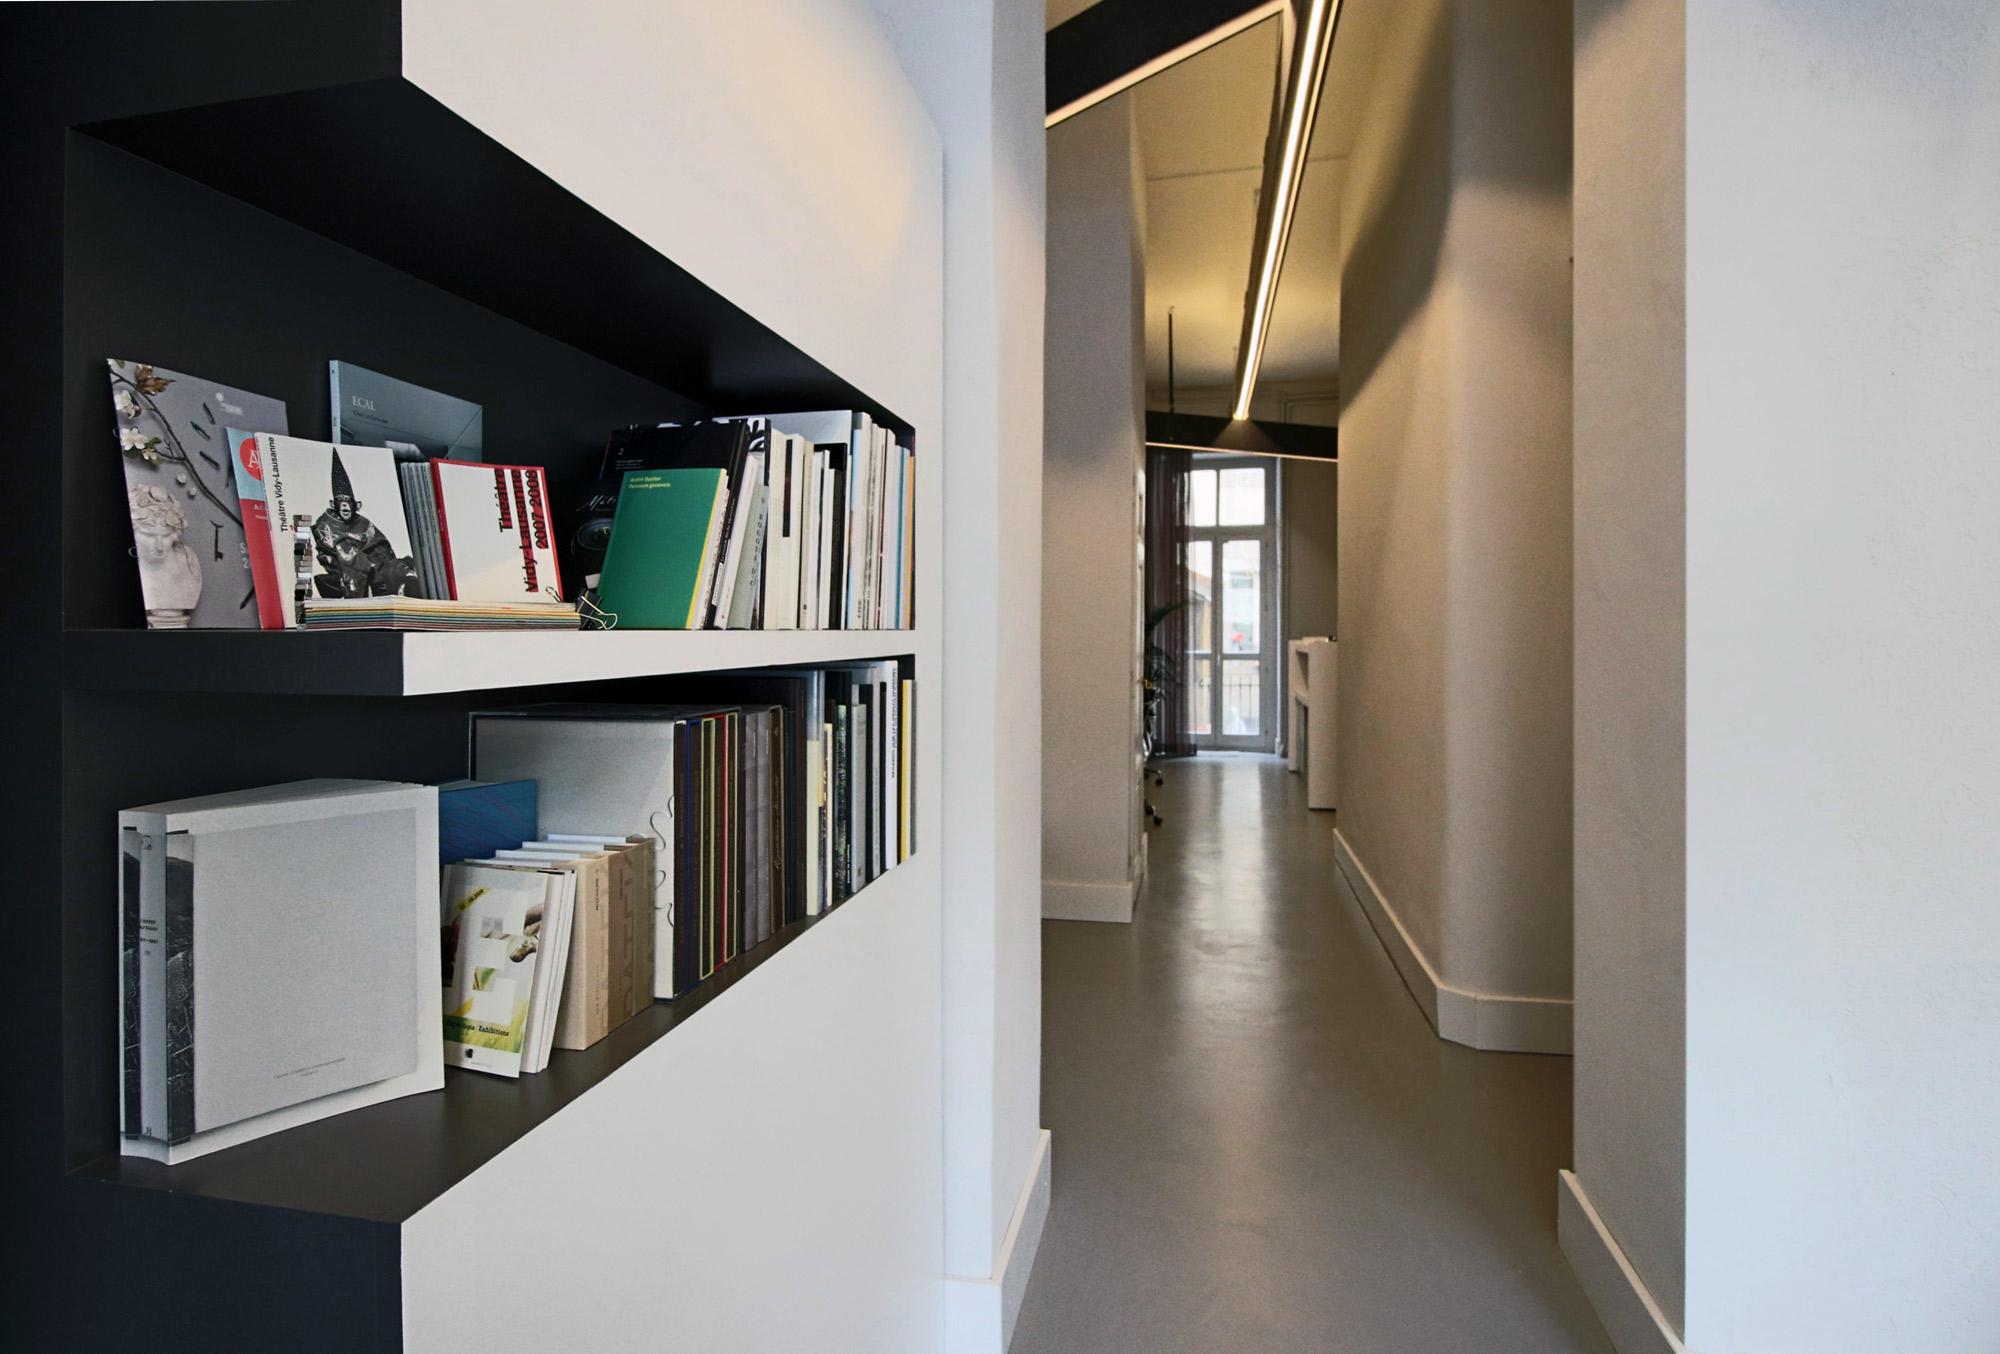 jc-droz-architecture-bombie-006